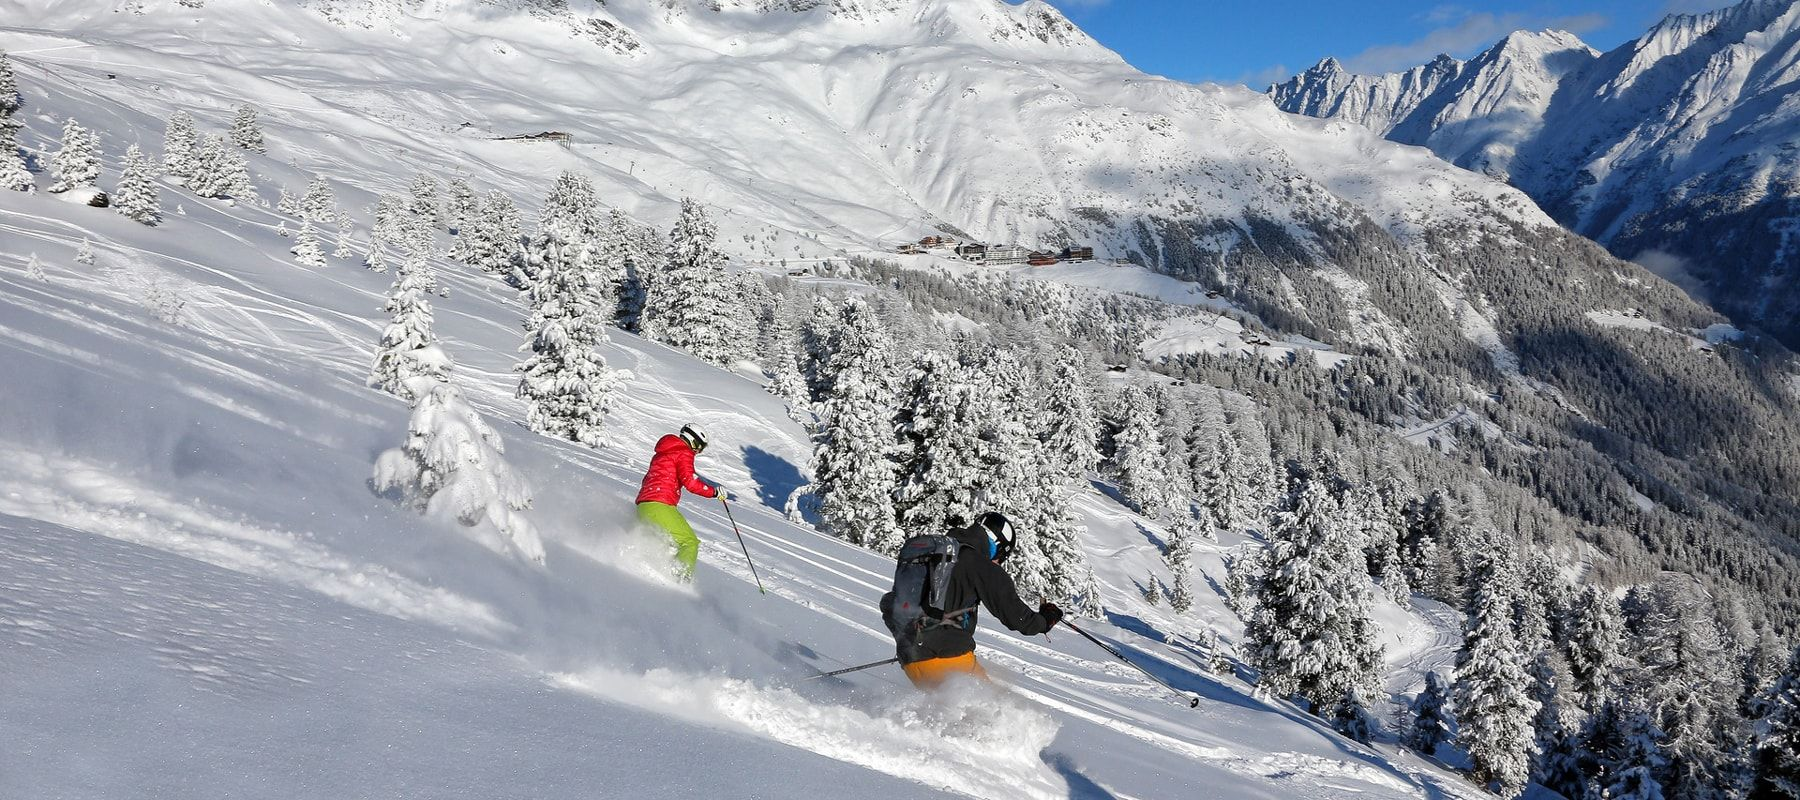 Skifahren-Freeriden-Sölden